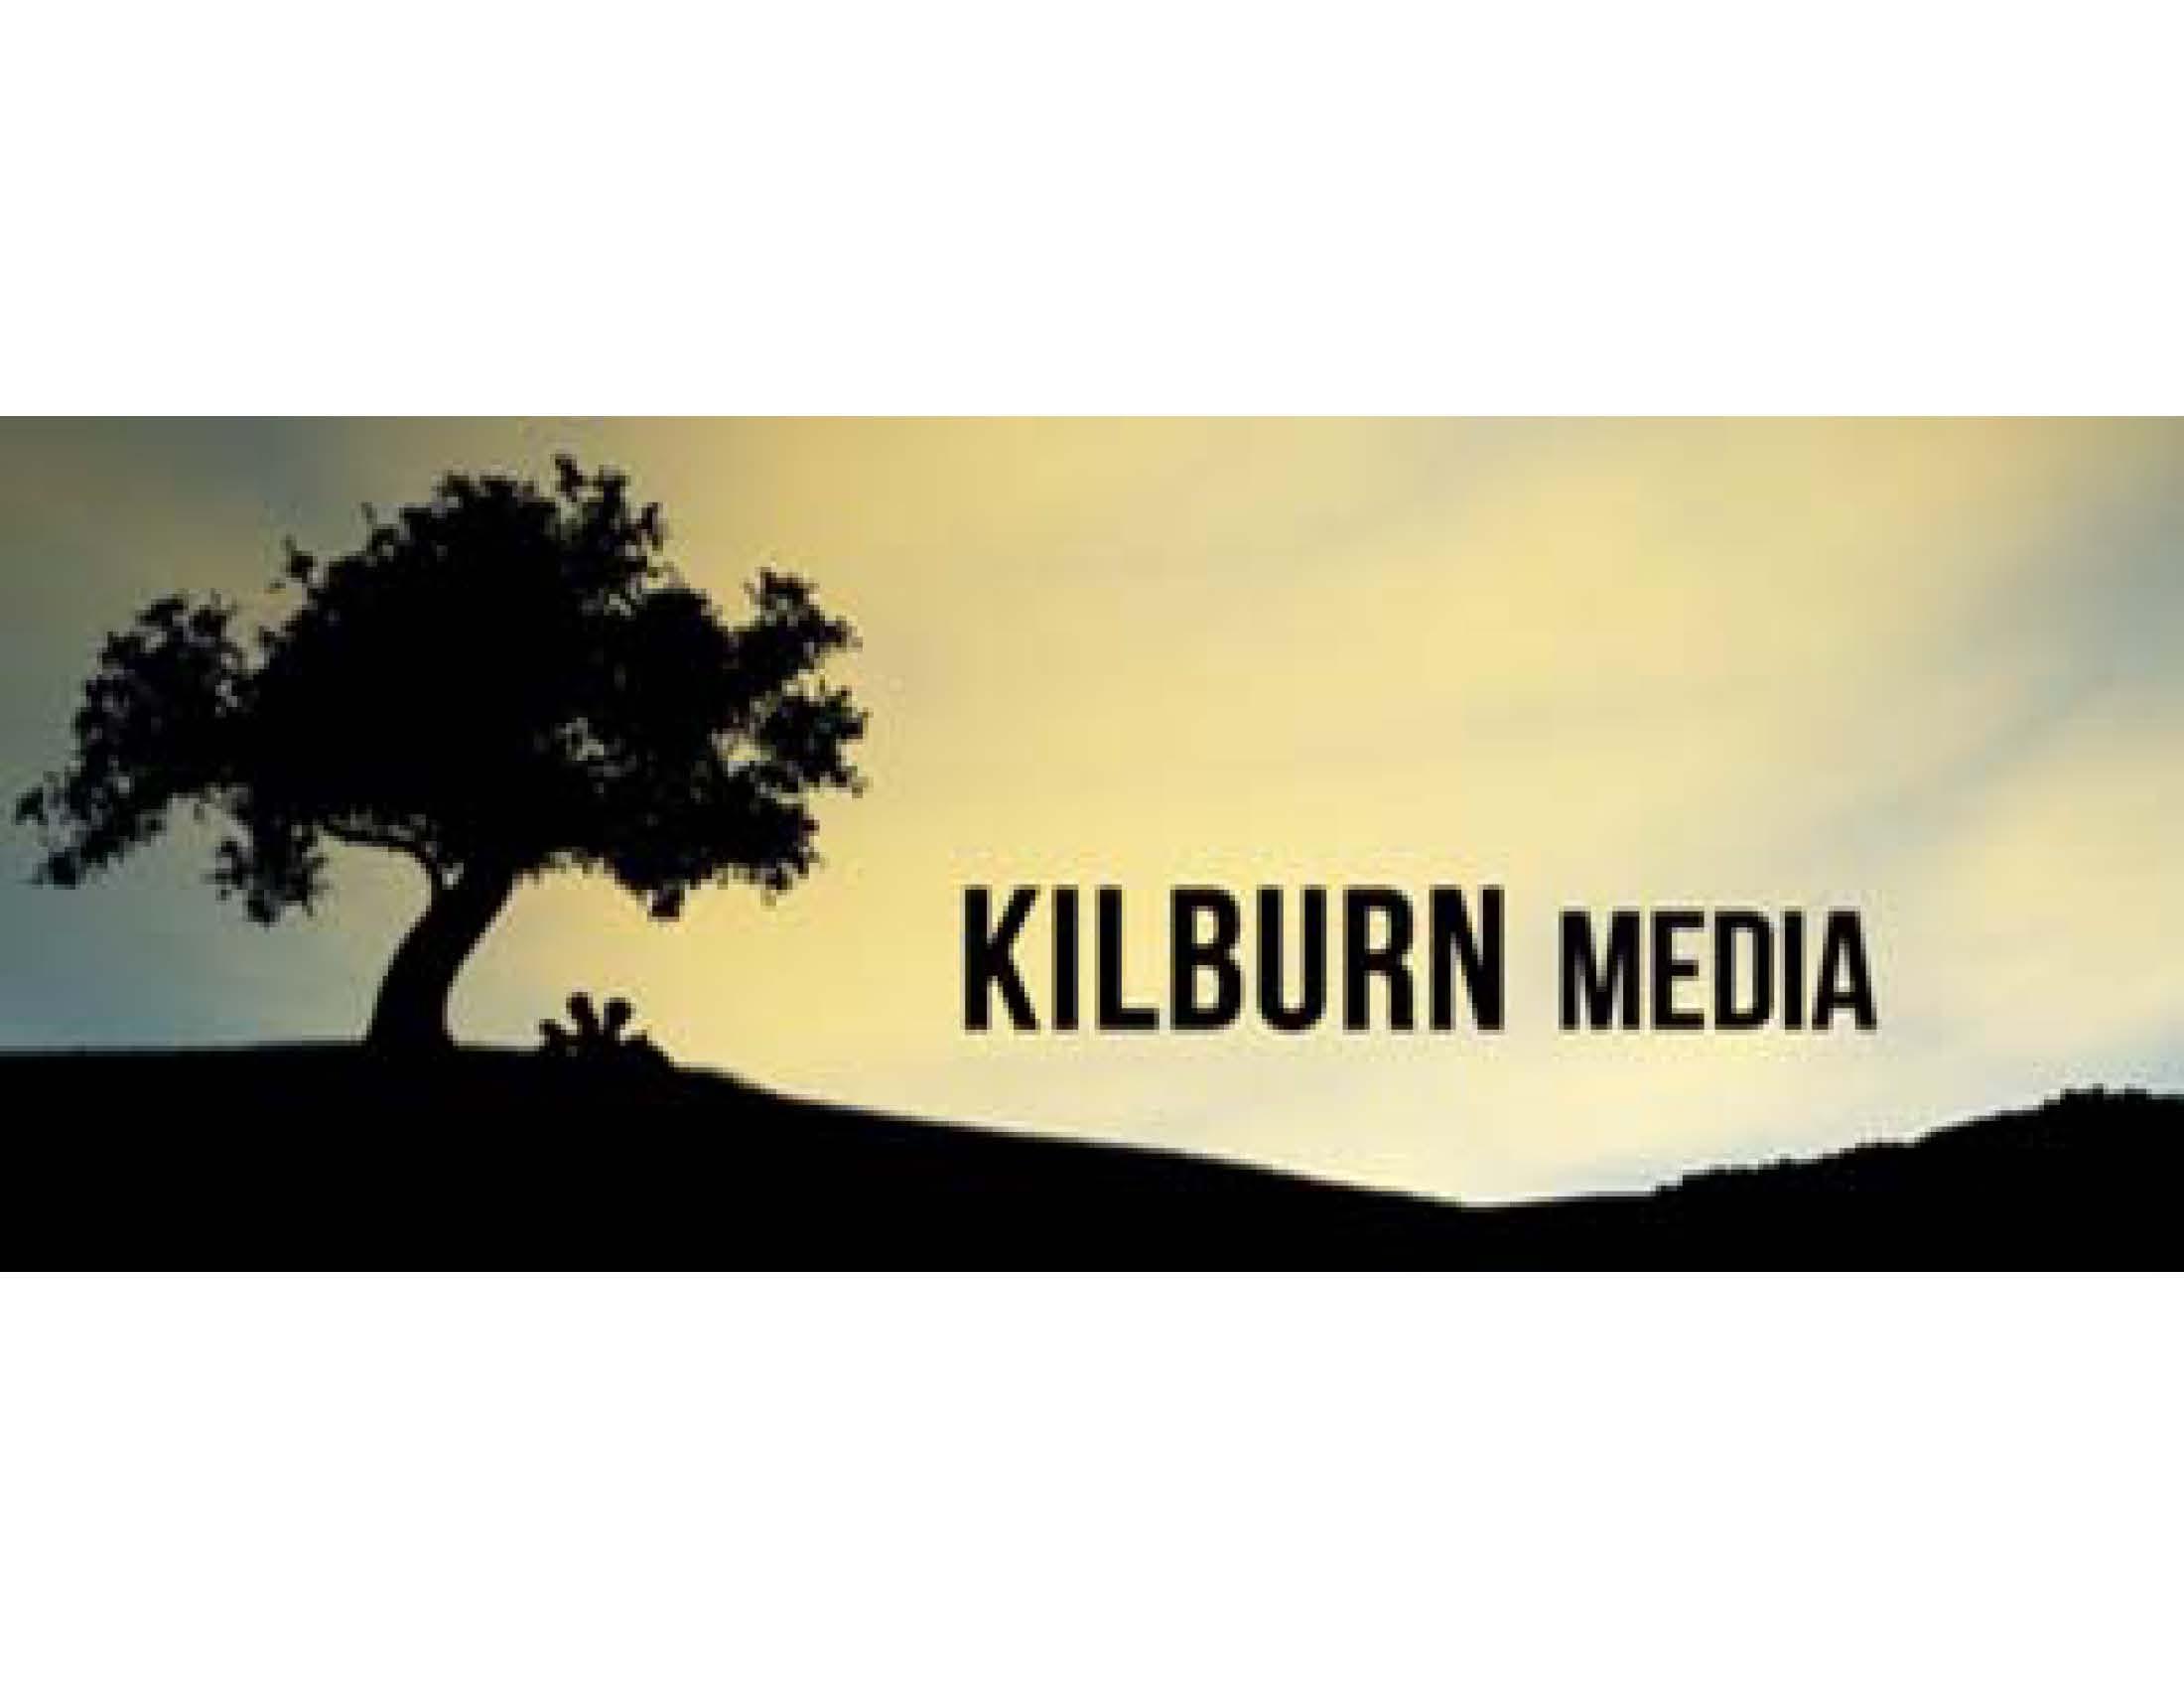 Kilburn Media